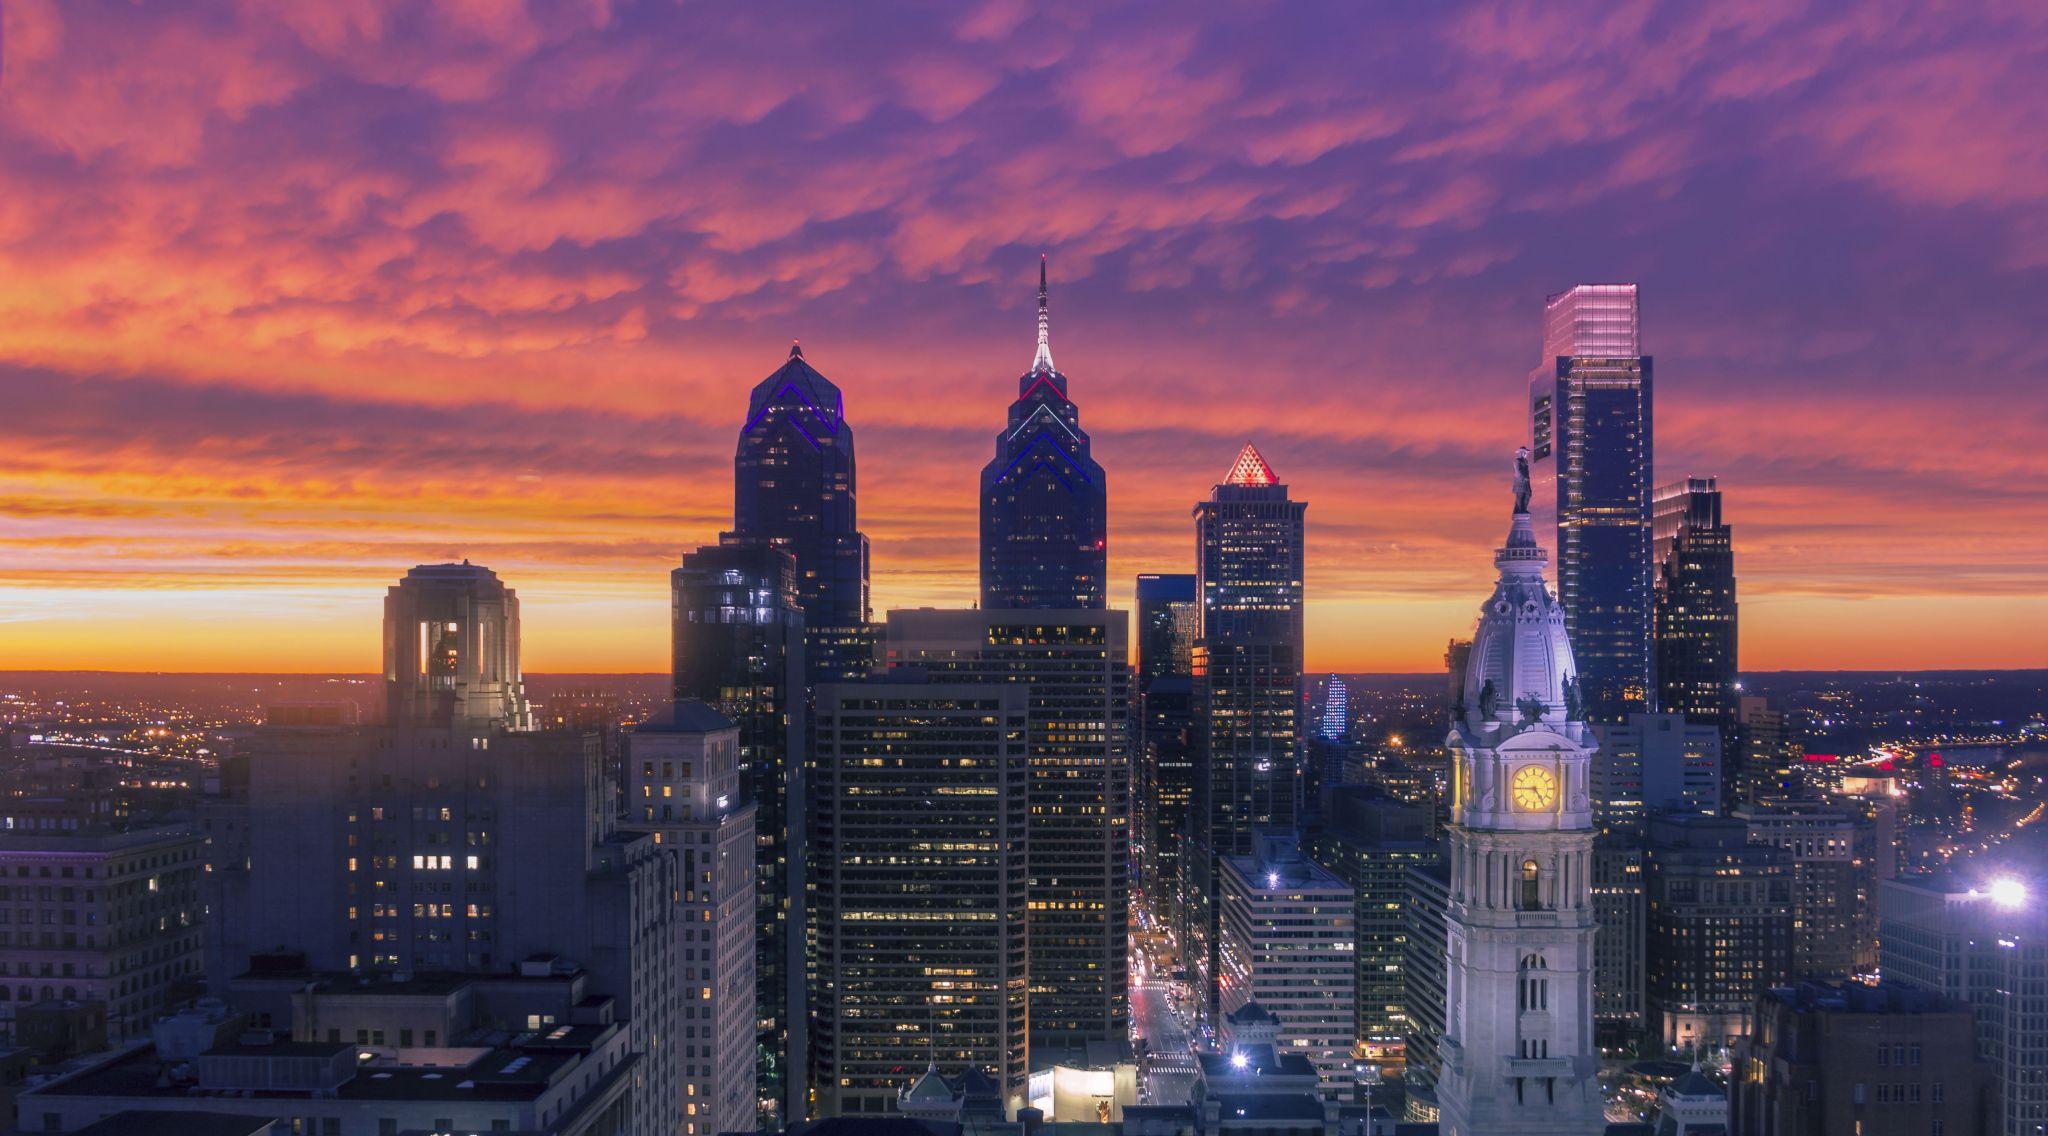 Loew's Hotel View, USA